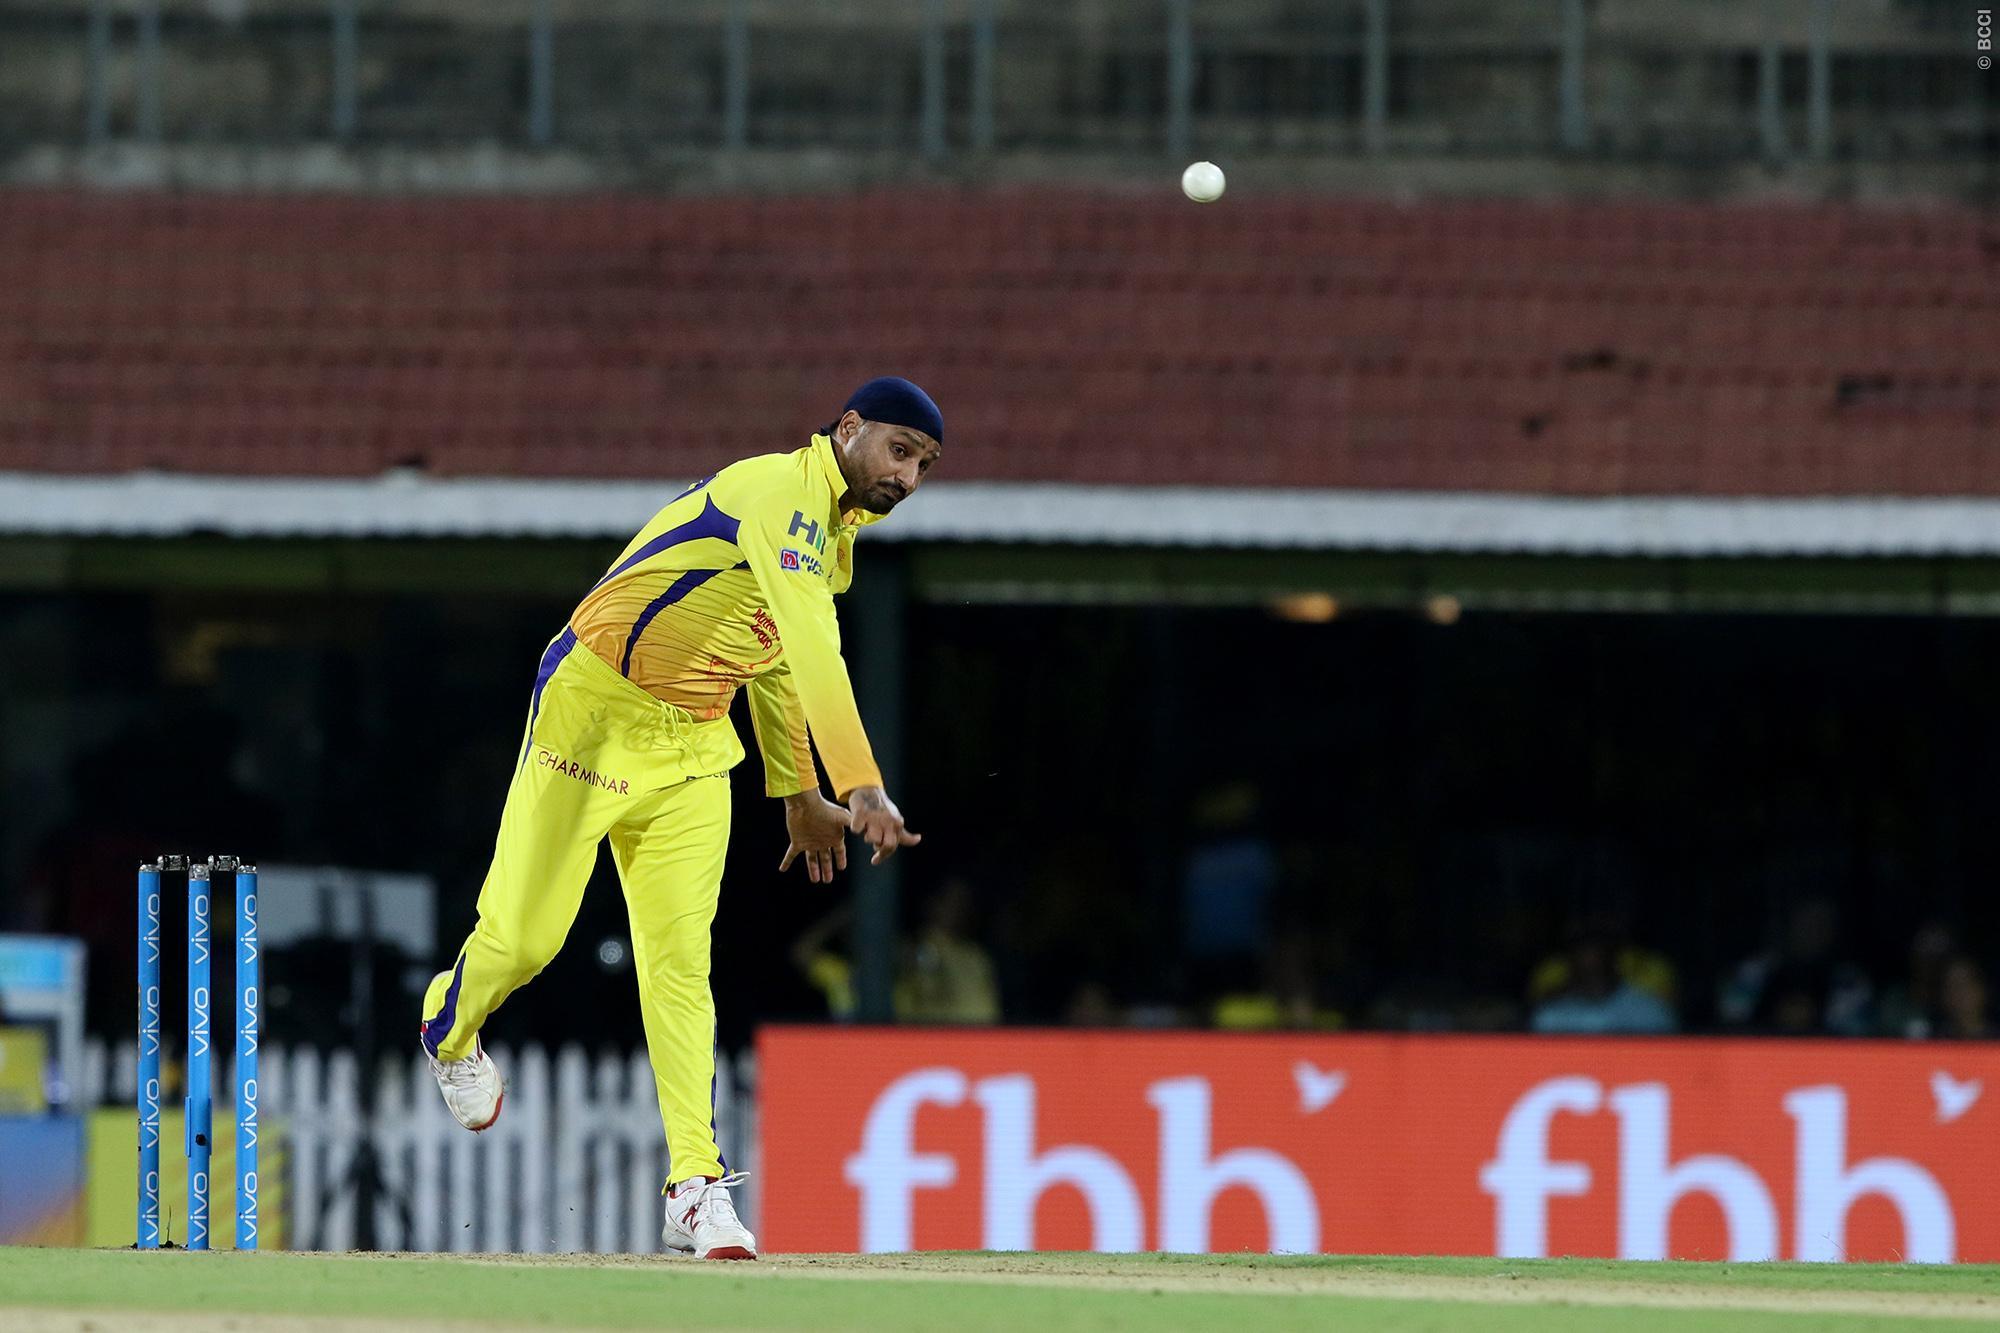 IPL 2018: मुंबई इंडियंस को हराने के लिए इन 11 खिलाड़ियों के साथ उतरेगी चेन्नई सुपर किंग्स 7